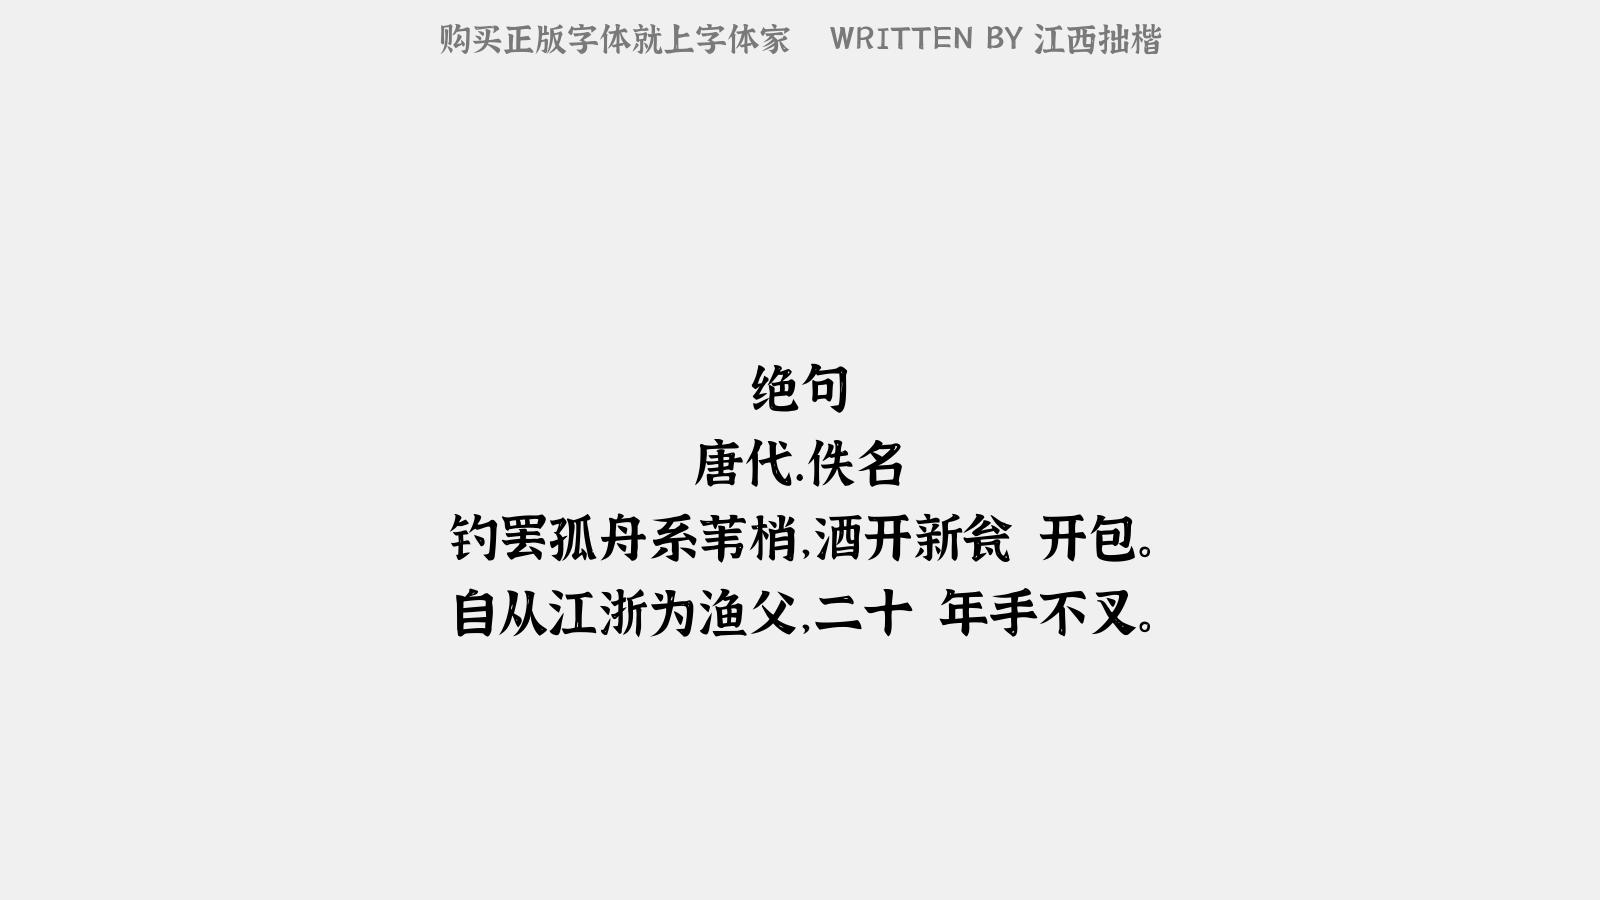 江西拙楷體 - 絕句